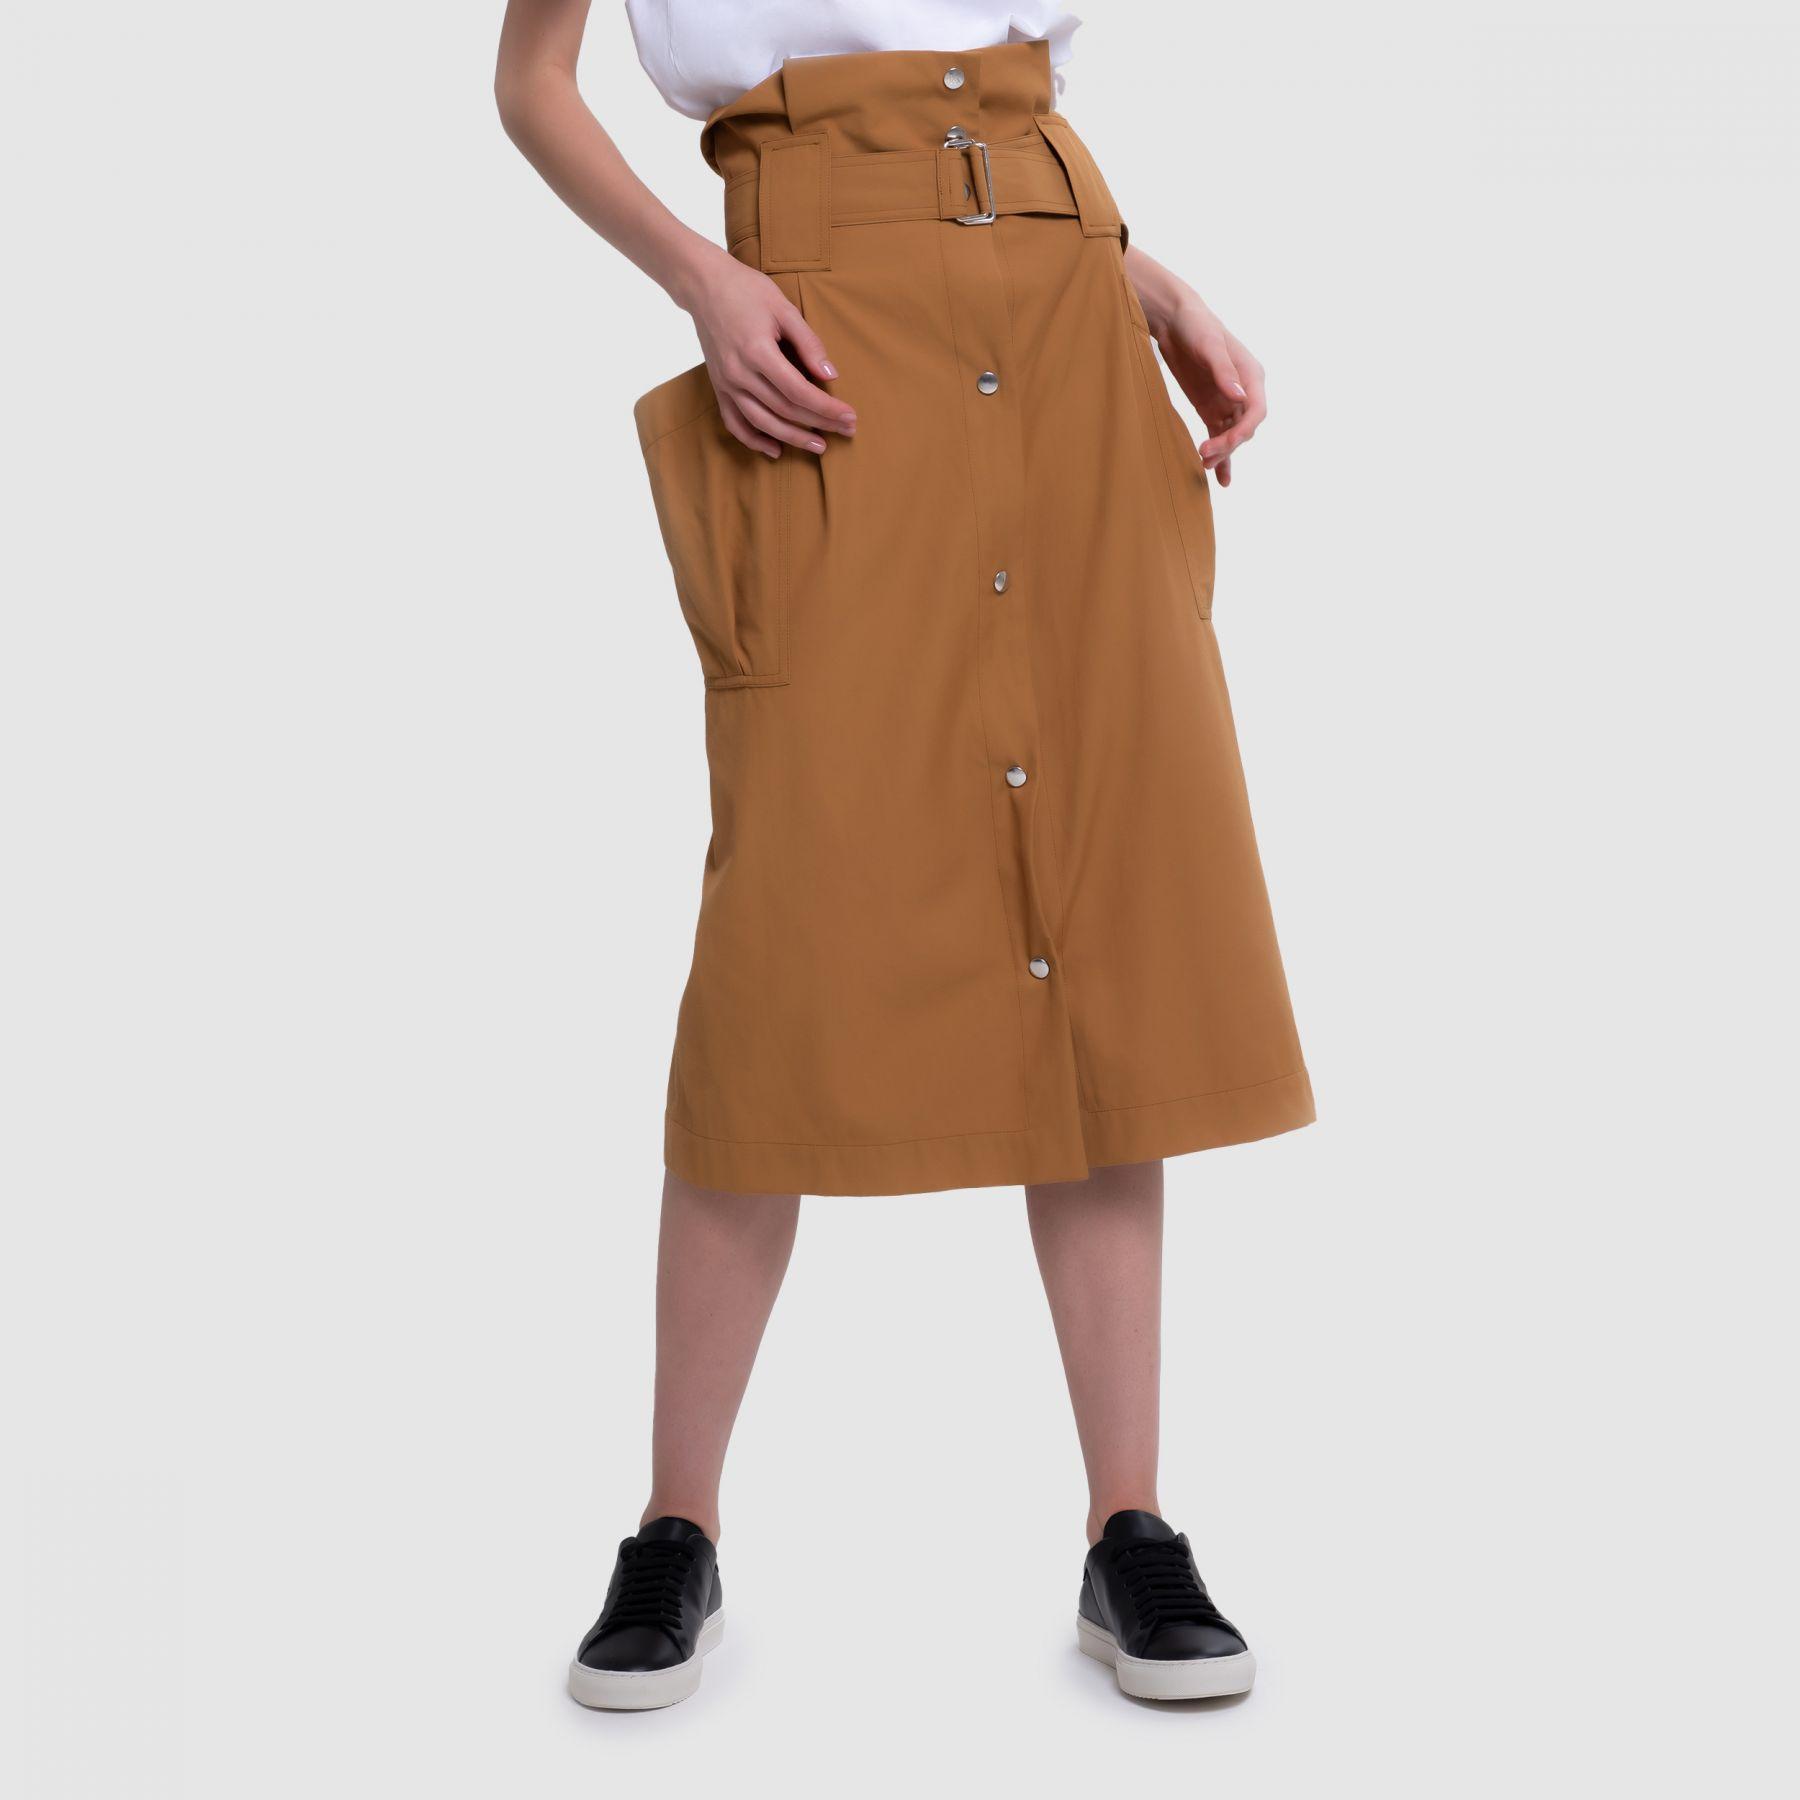 Юбка длинная Kenzo оранжевая